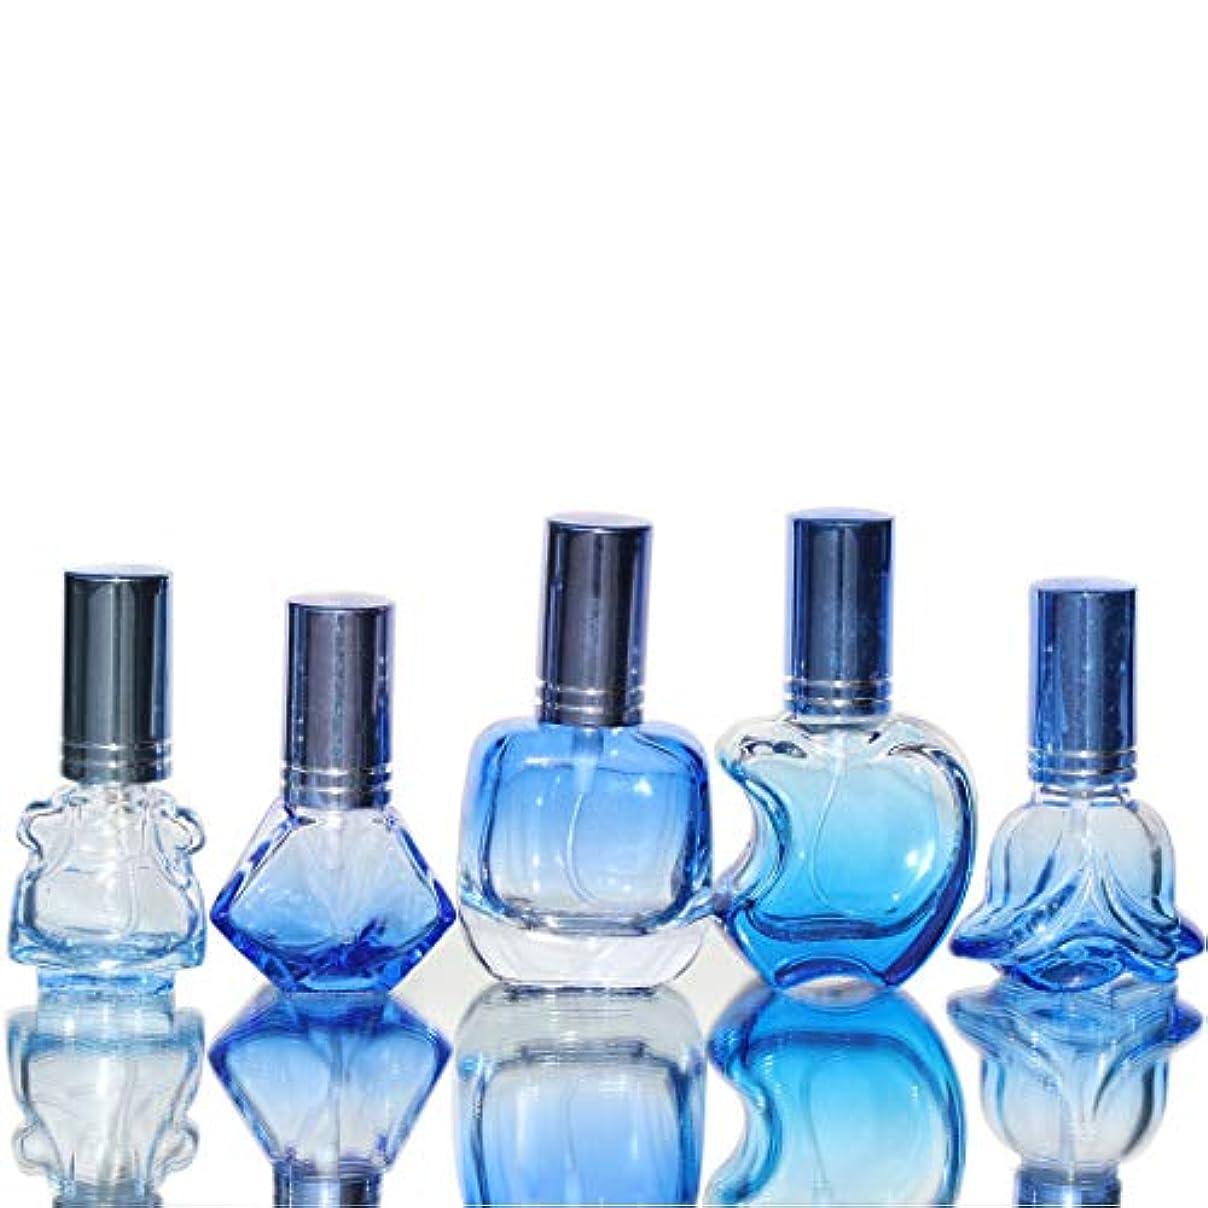 悪化する構想する奨学金Waltz&F カラフル ガラス製香水瓶 フレグランスボトル 詰替用瓶 空き アトマイザー 分け瓶 旅行用品 化粧水用瓶